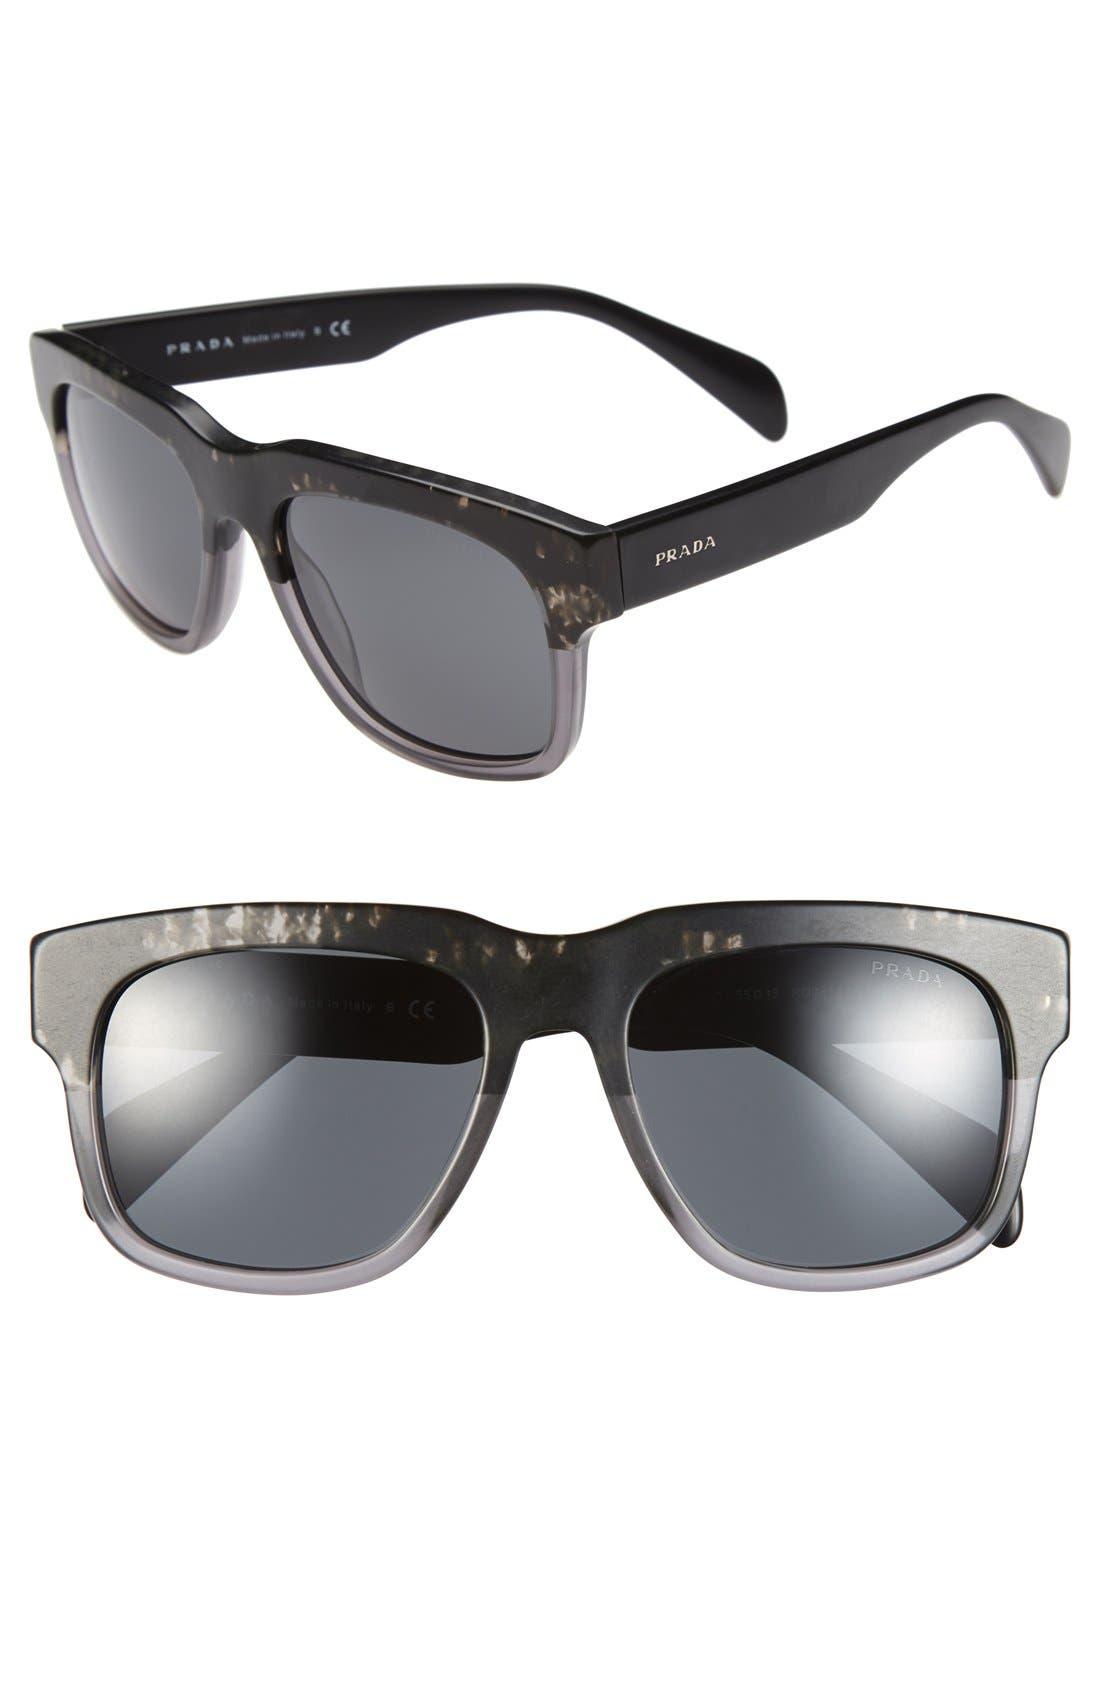 Alternate Image 1 Selected - Prada 55mm Sunglasses